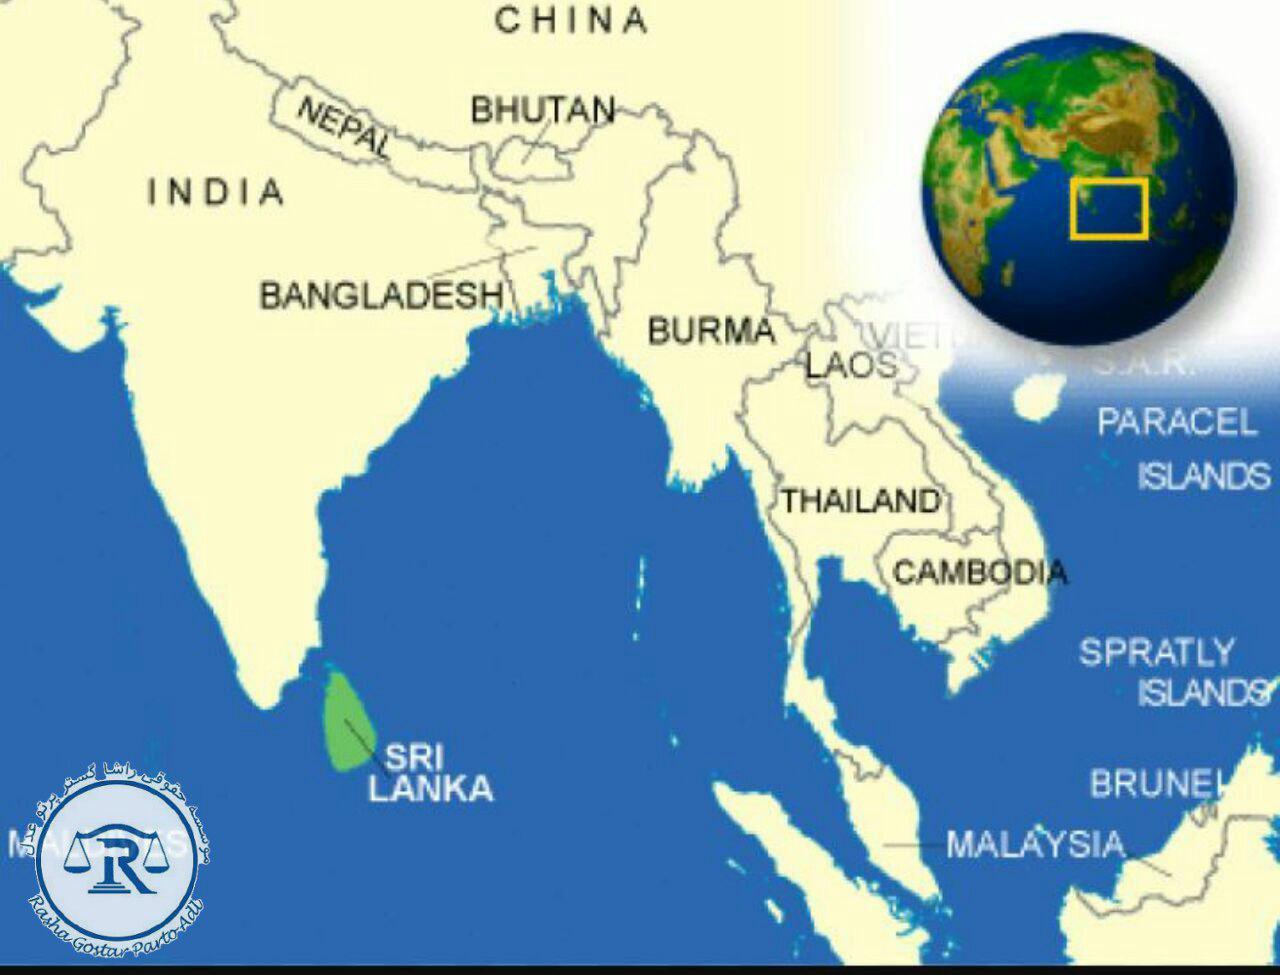 موقعیت سری لانکا در نقشه